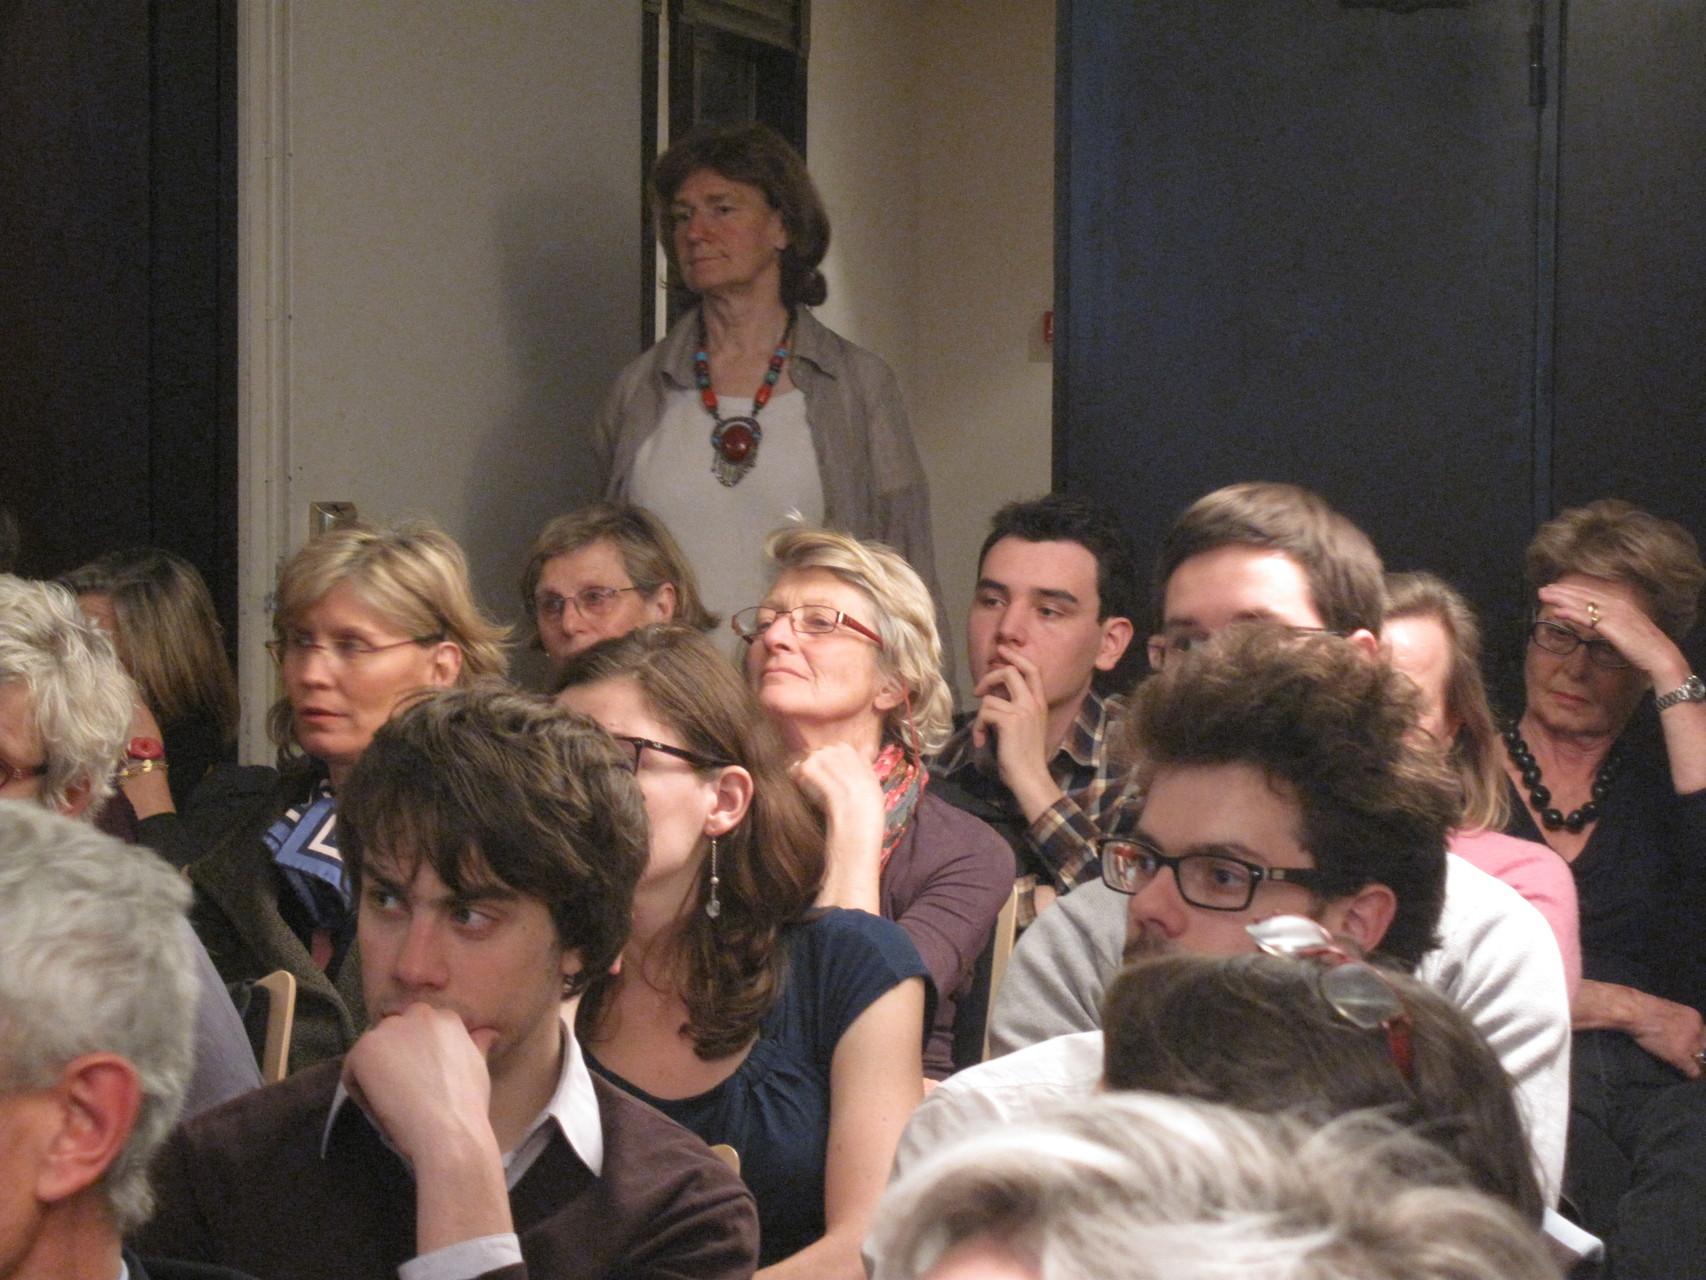 2012 - Florence Grenot organisatrice de cette soirée